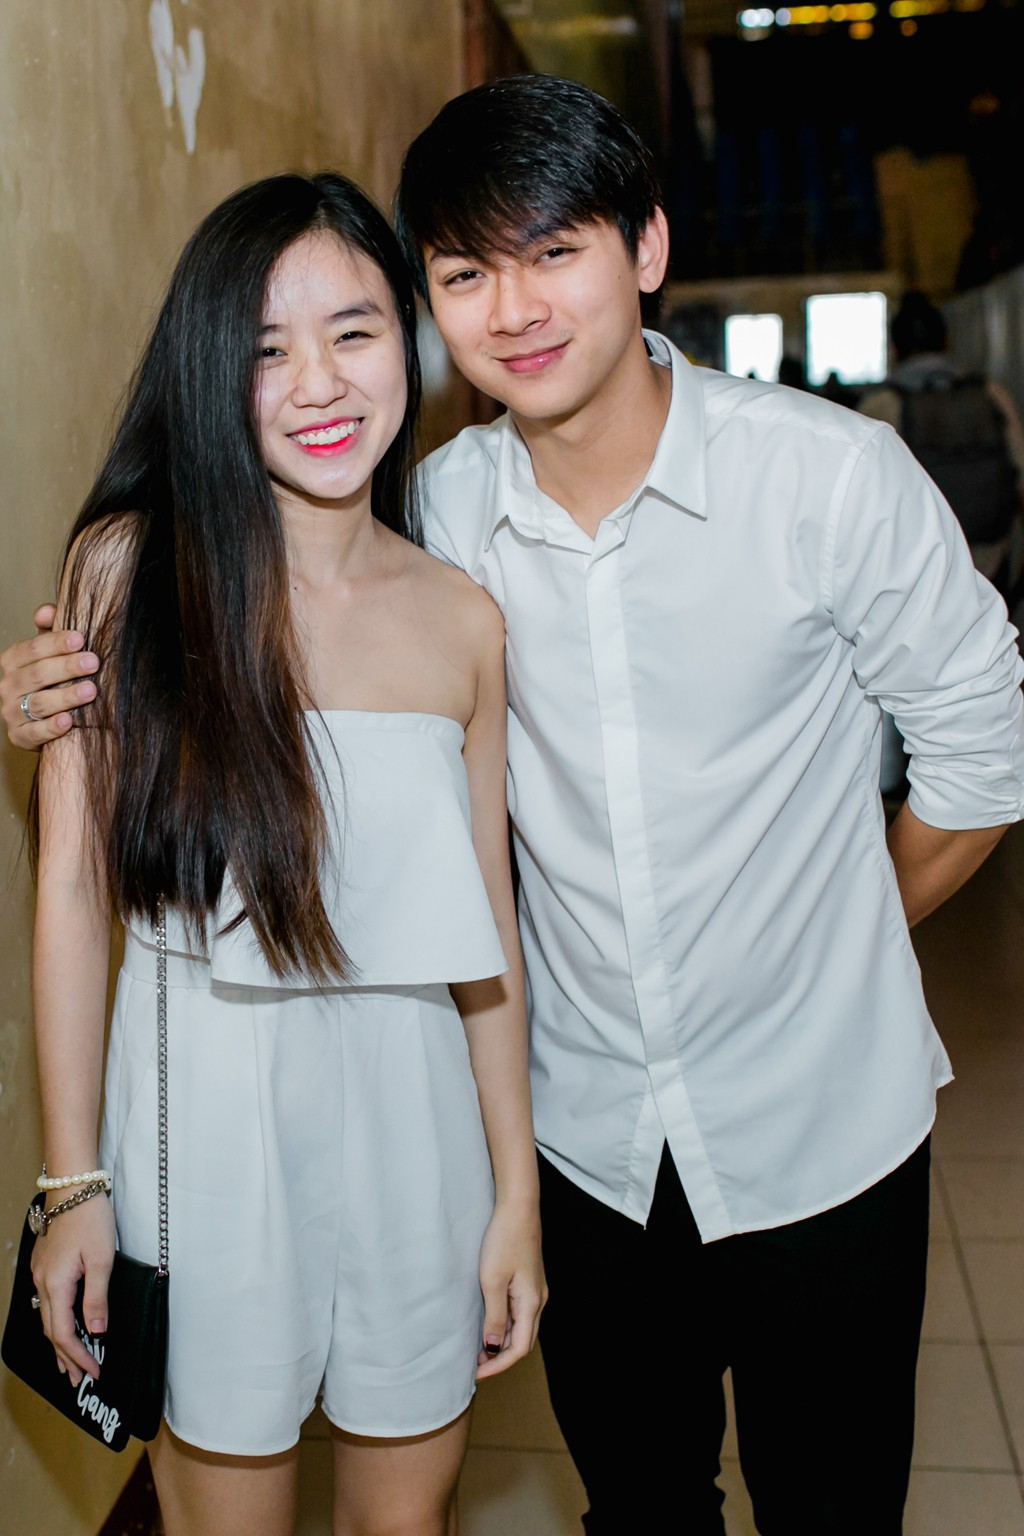 Hoài Lâm xác nhận đã đăng ký kết hôn với bạn gái Bảo Ngọc, đang là bố của hai con gái - Ảnh 1.